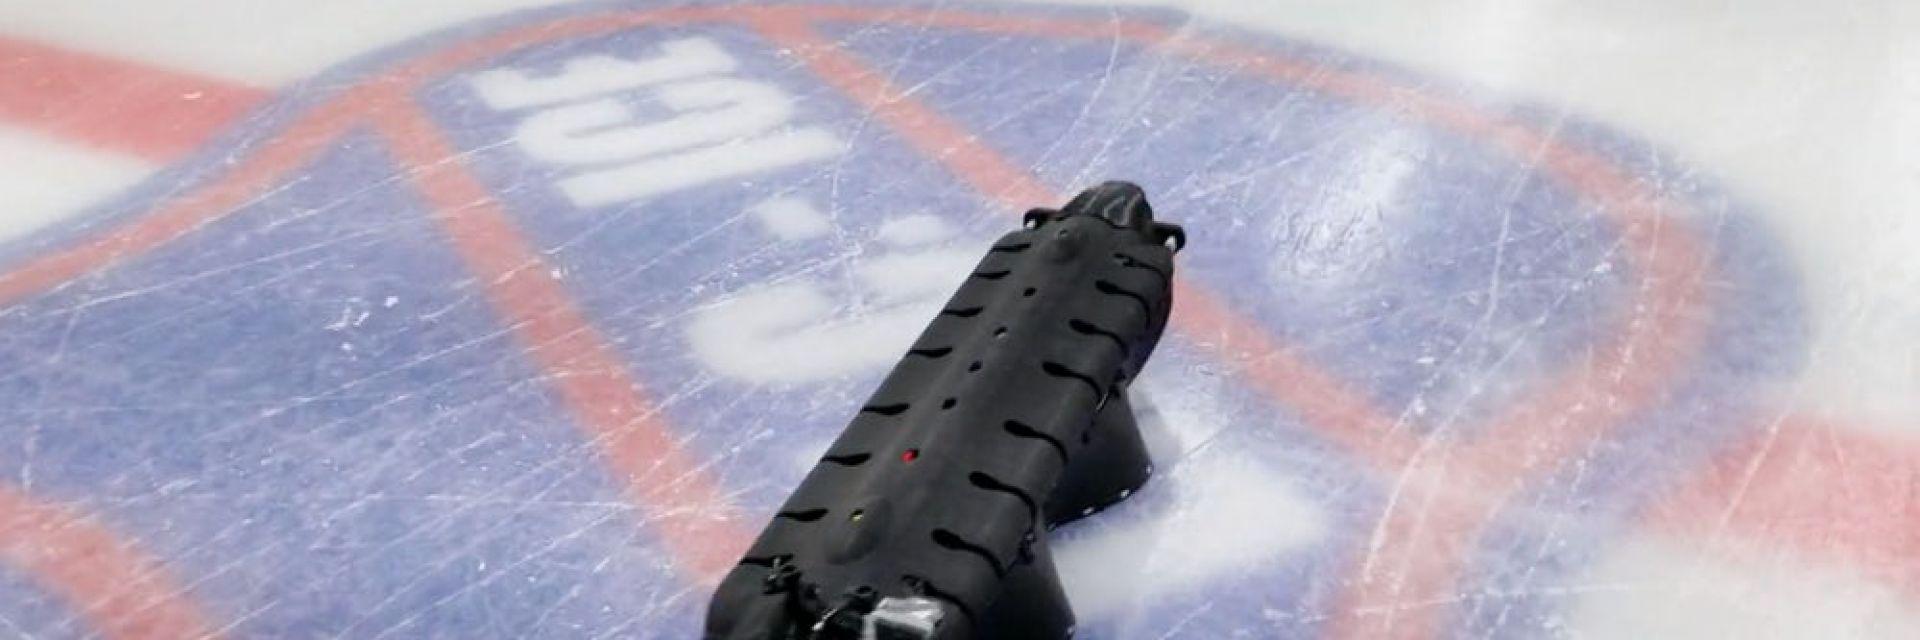 Уникален робот-амфибия плува и ходи по лед